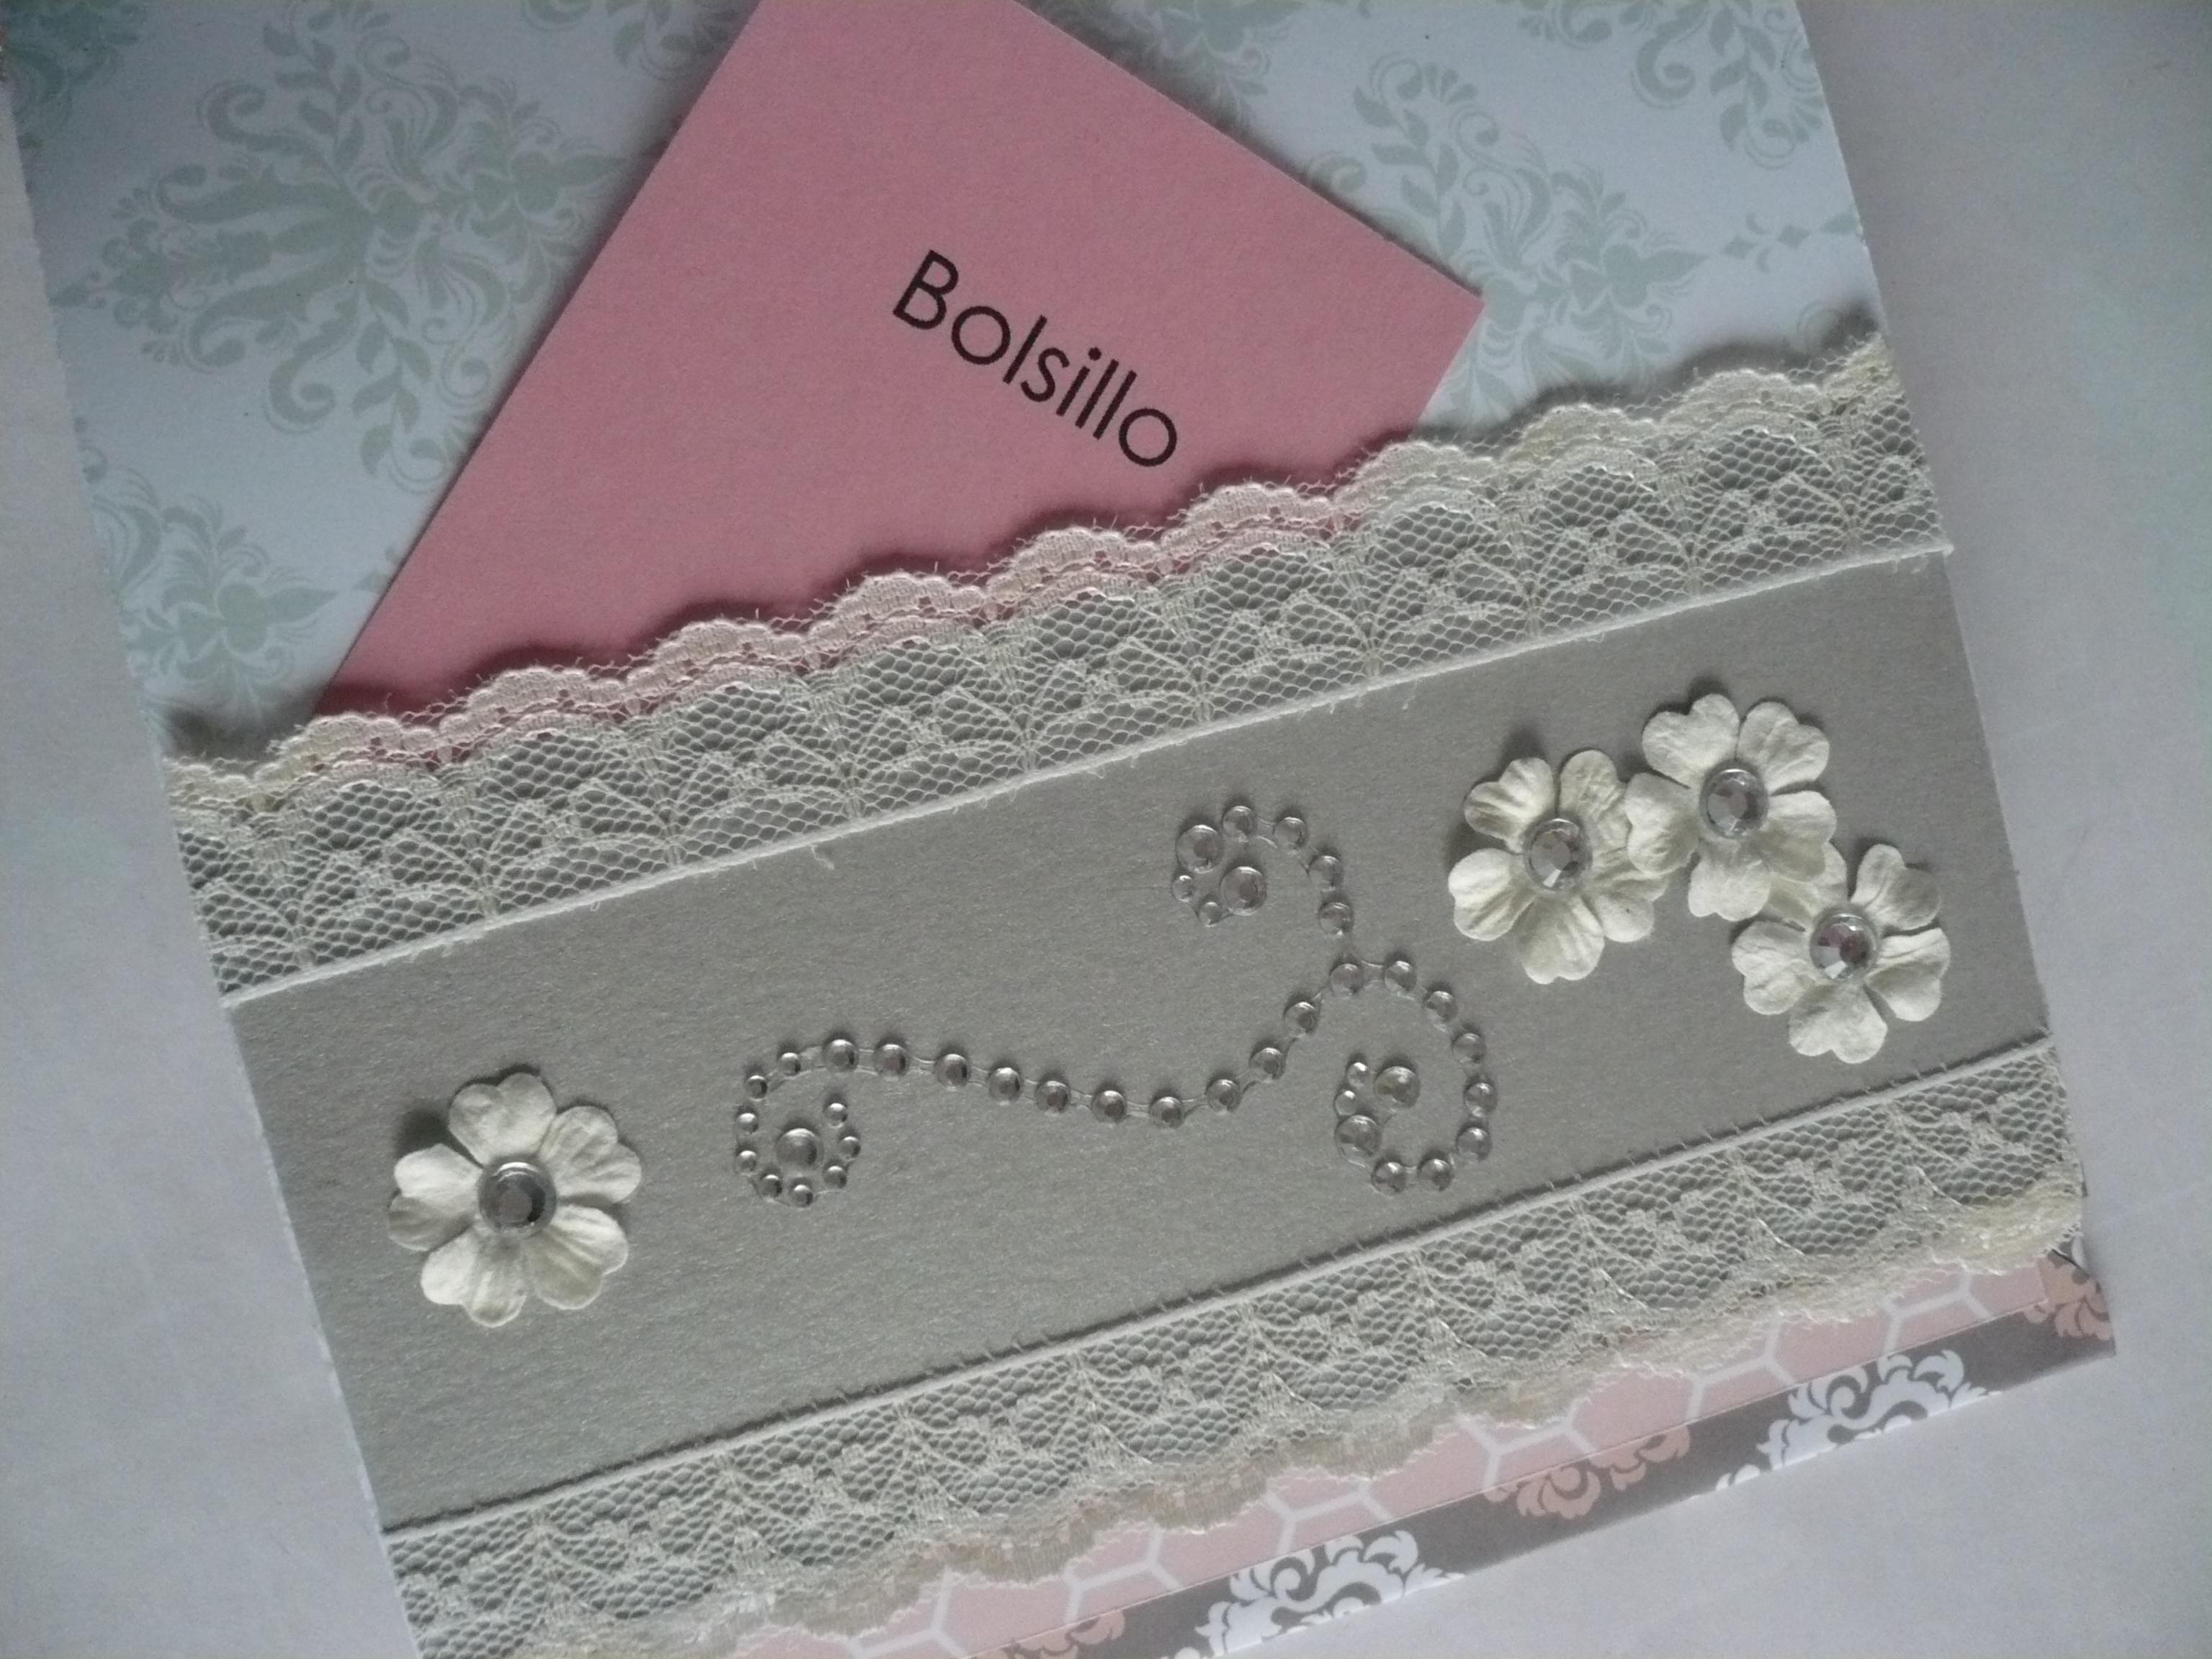 14 02 16 (foto 5) bolsillo decoraco con puntilla, filigrana de strass y flores de papel